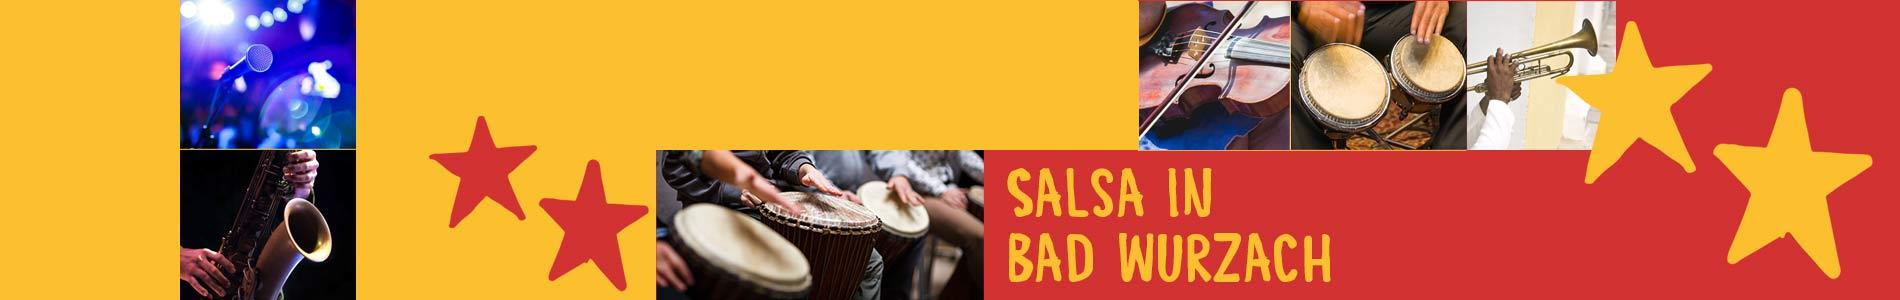 Salsa in Bad Wurzach – Salsa lernen und tanzen, Tanzkurse, Partys, Veranstaltungen